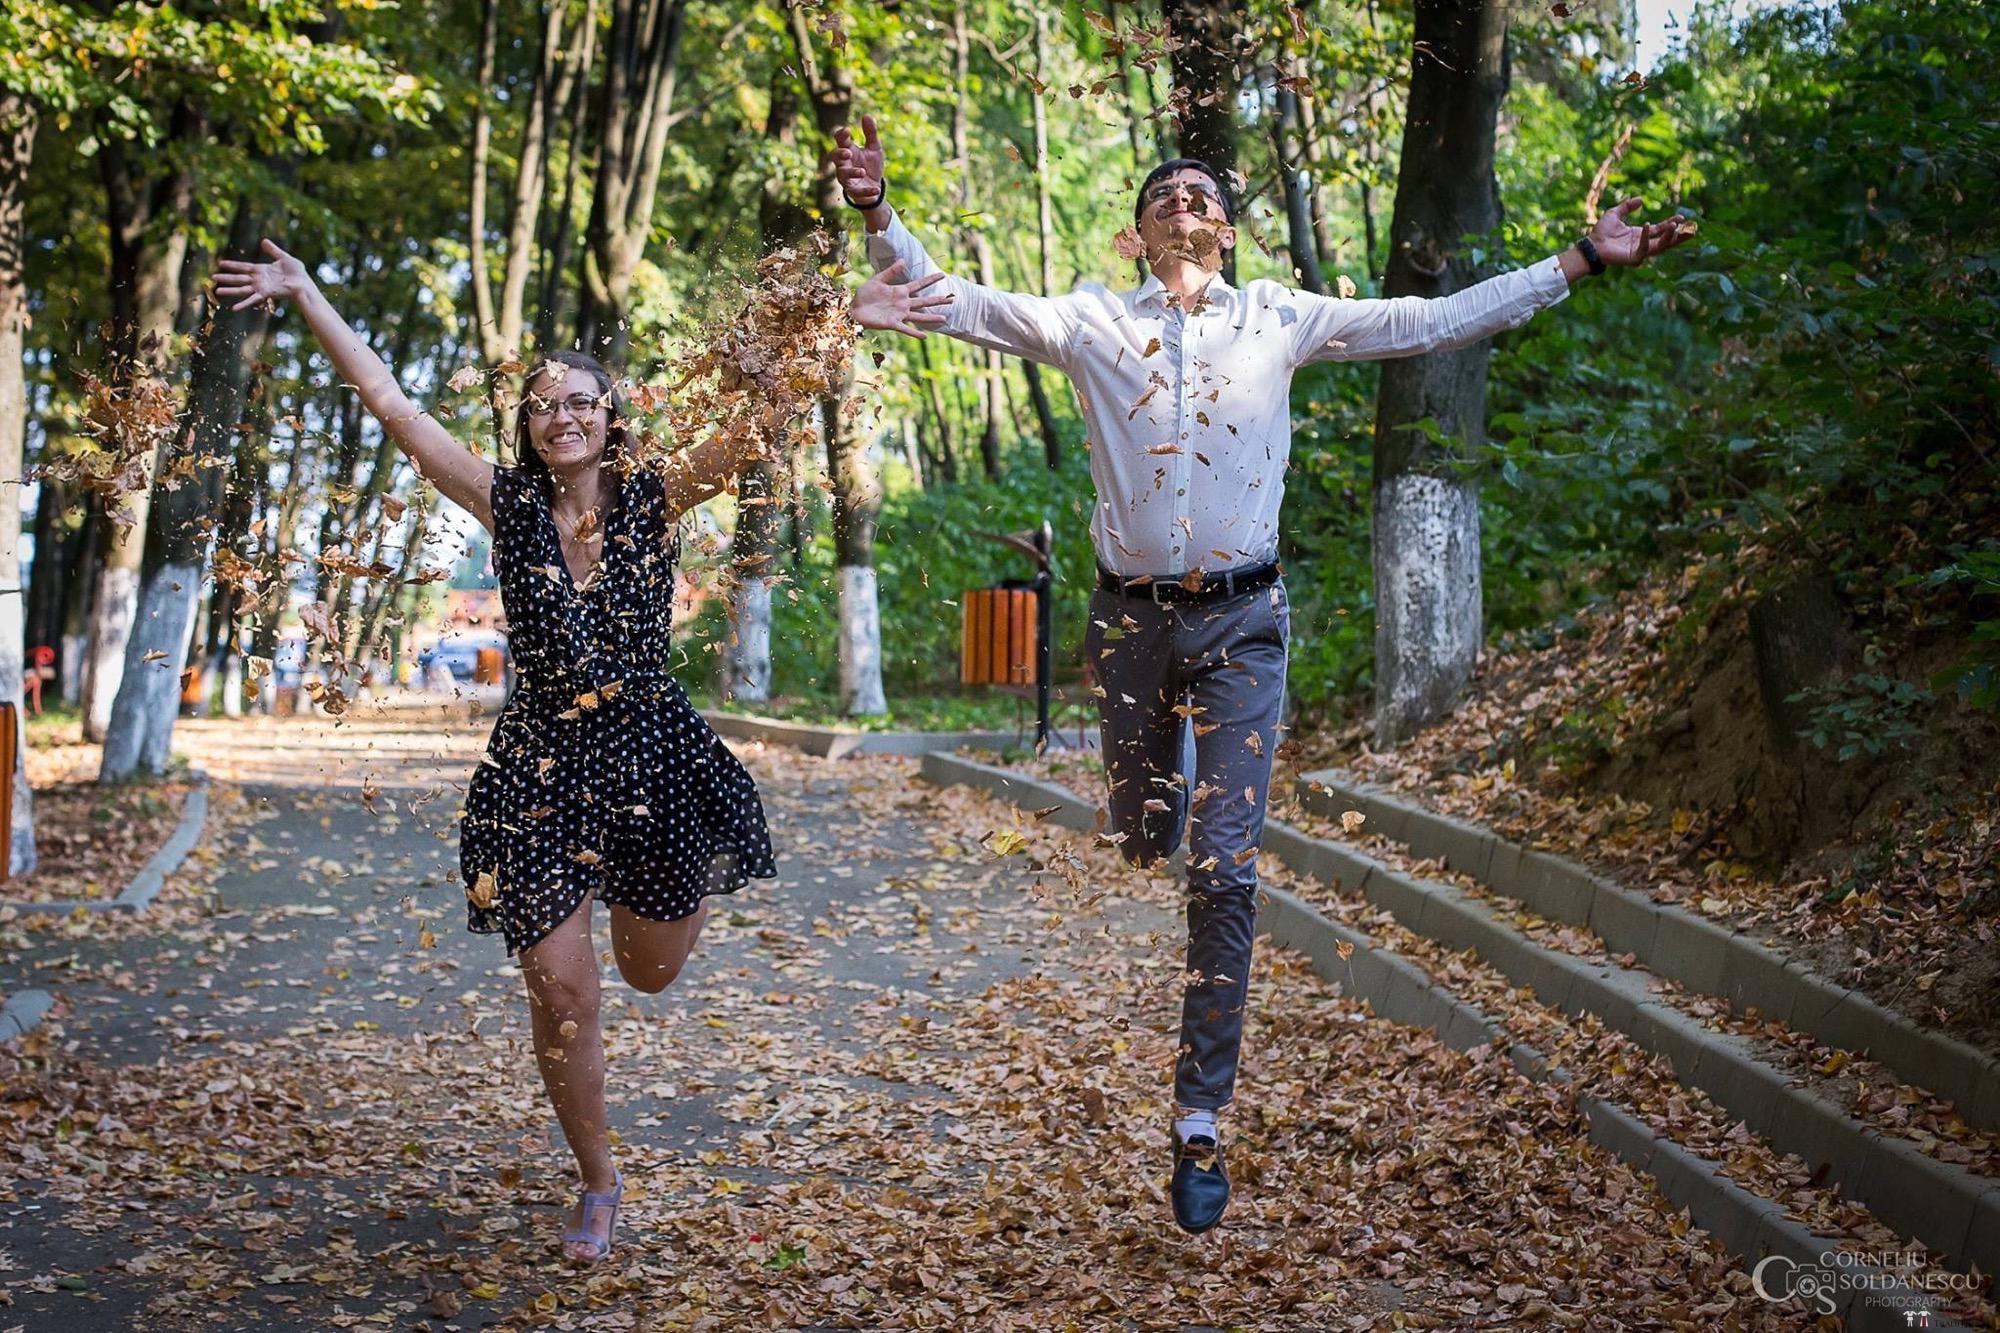 Povești Nunți Tradiționale - Ioana-Alexandra și Bogdan-Vasile. Nuntă tradițională în Fălticeni 37